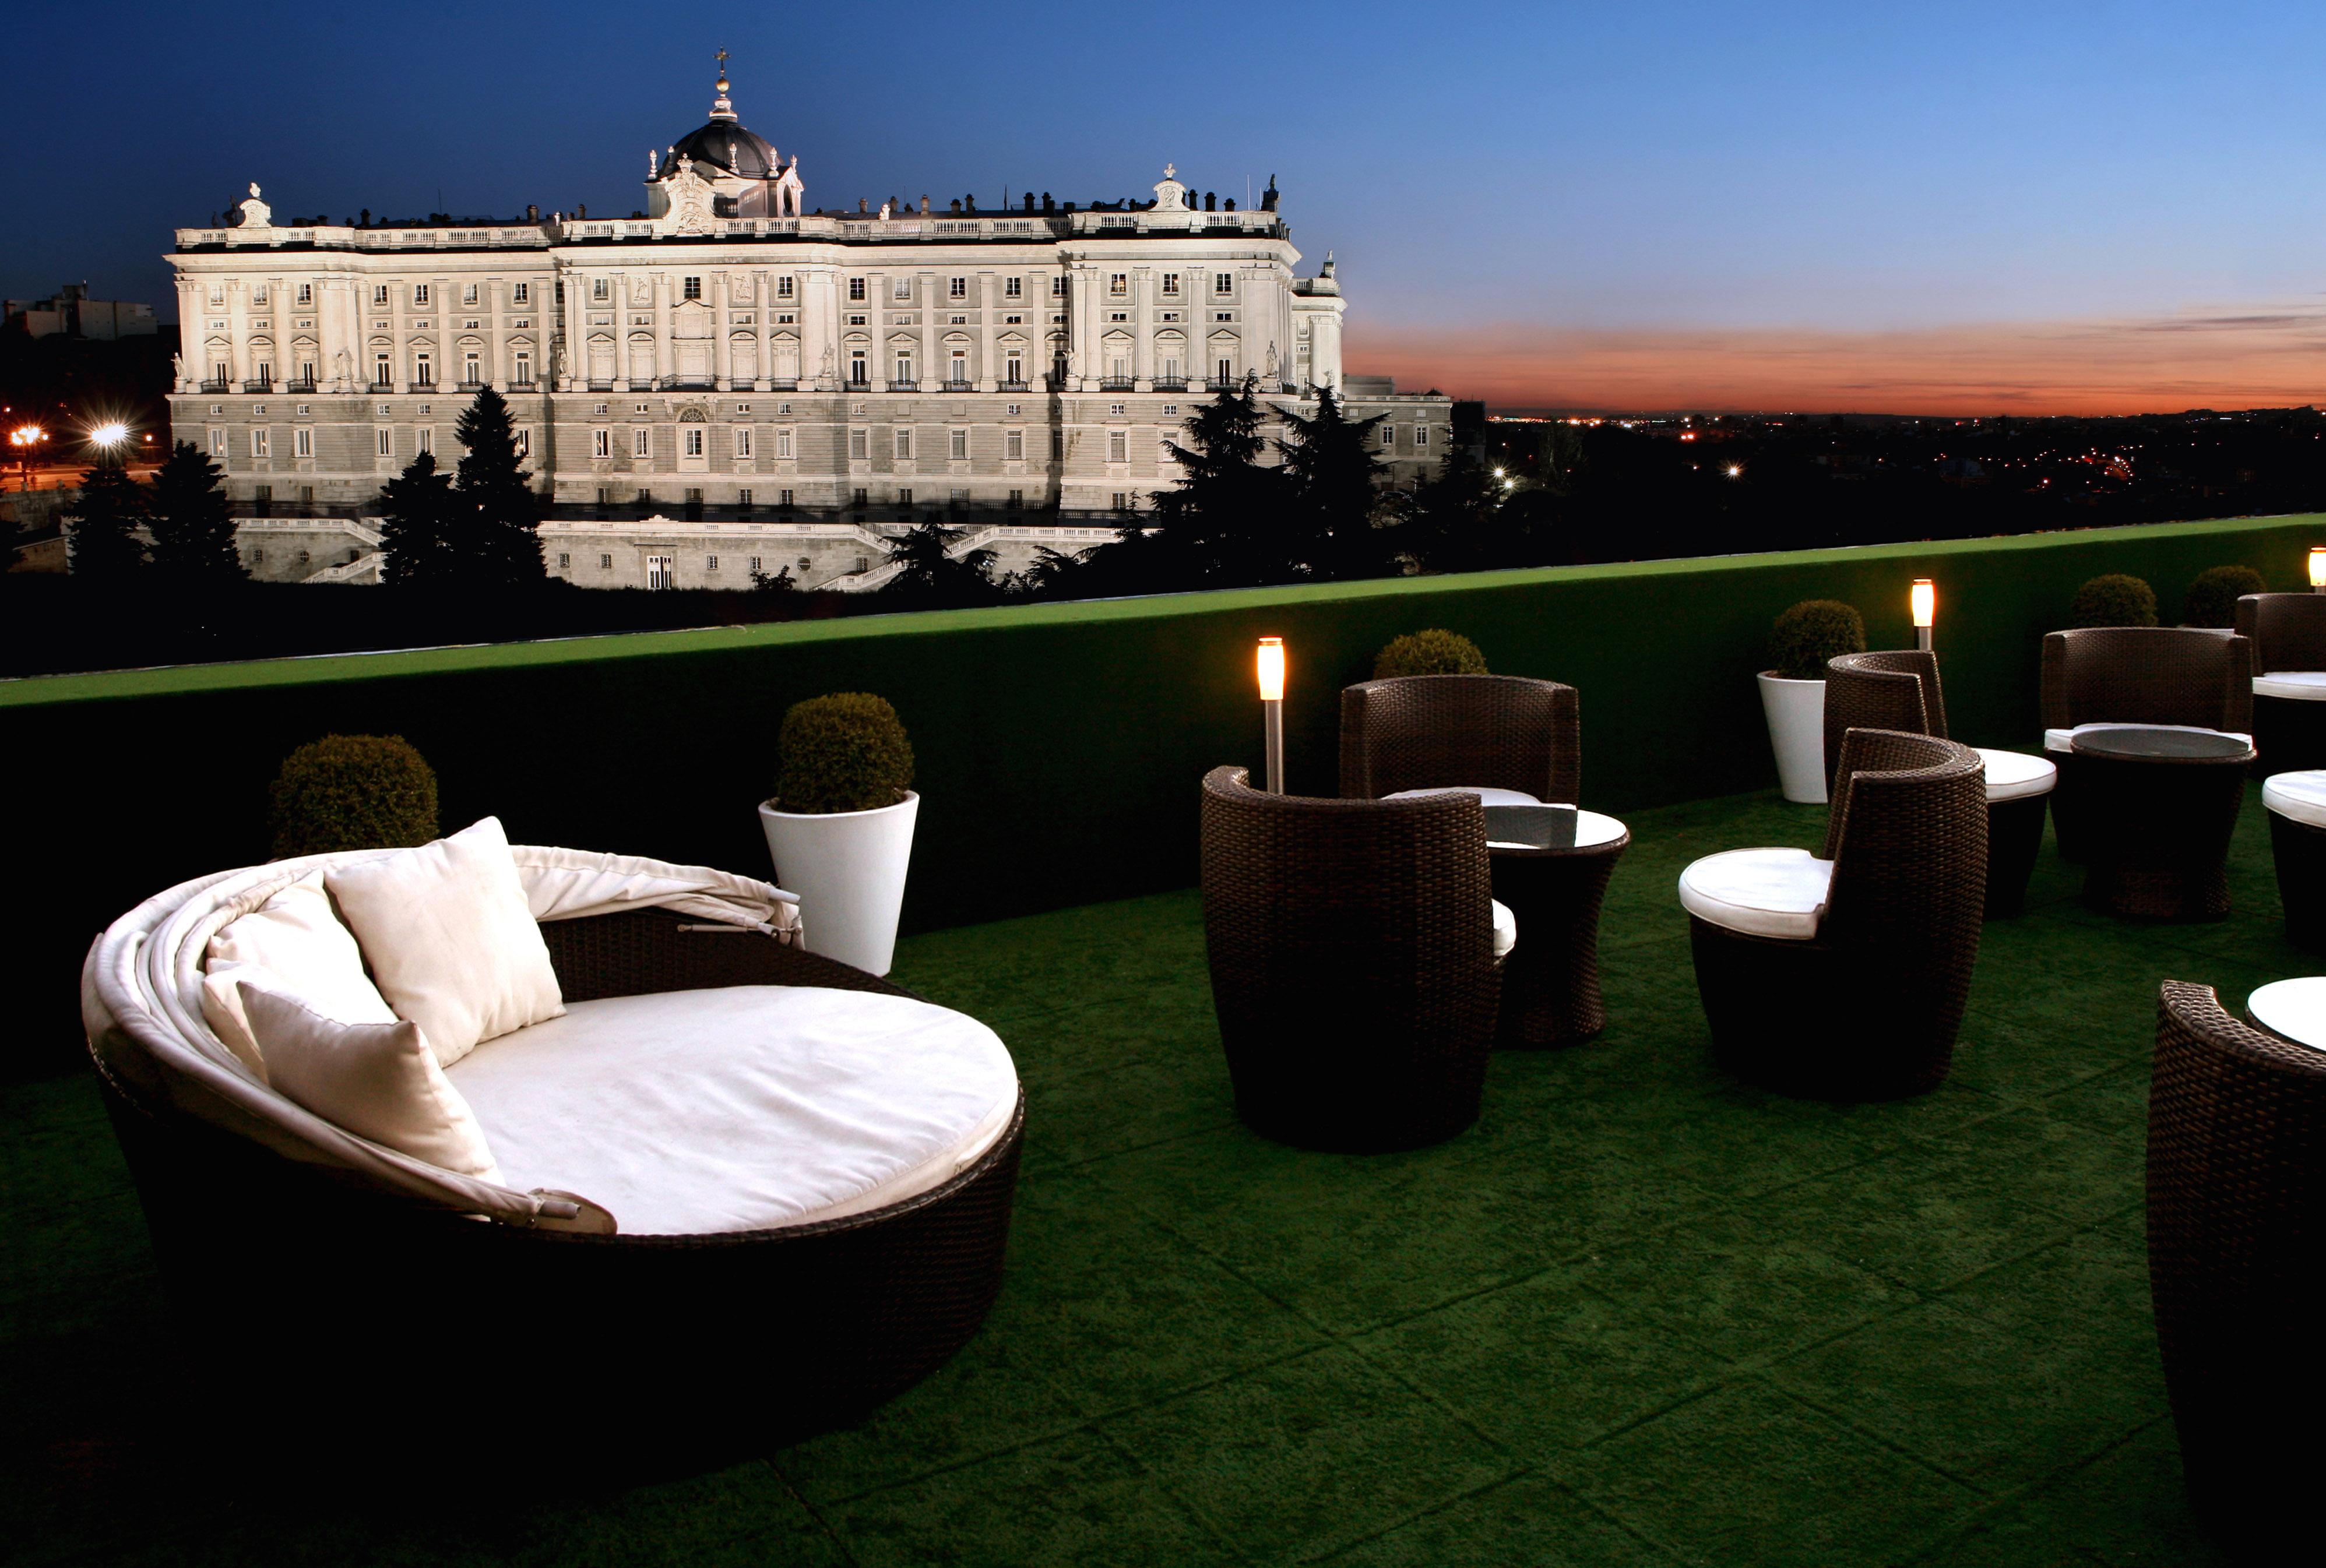 Apartosuites-Jardines-de-Sabatini-terraza-palacio-real-madrid